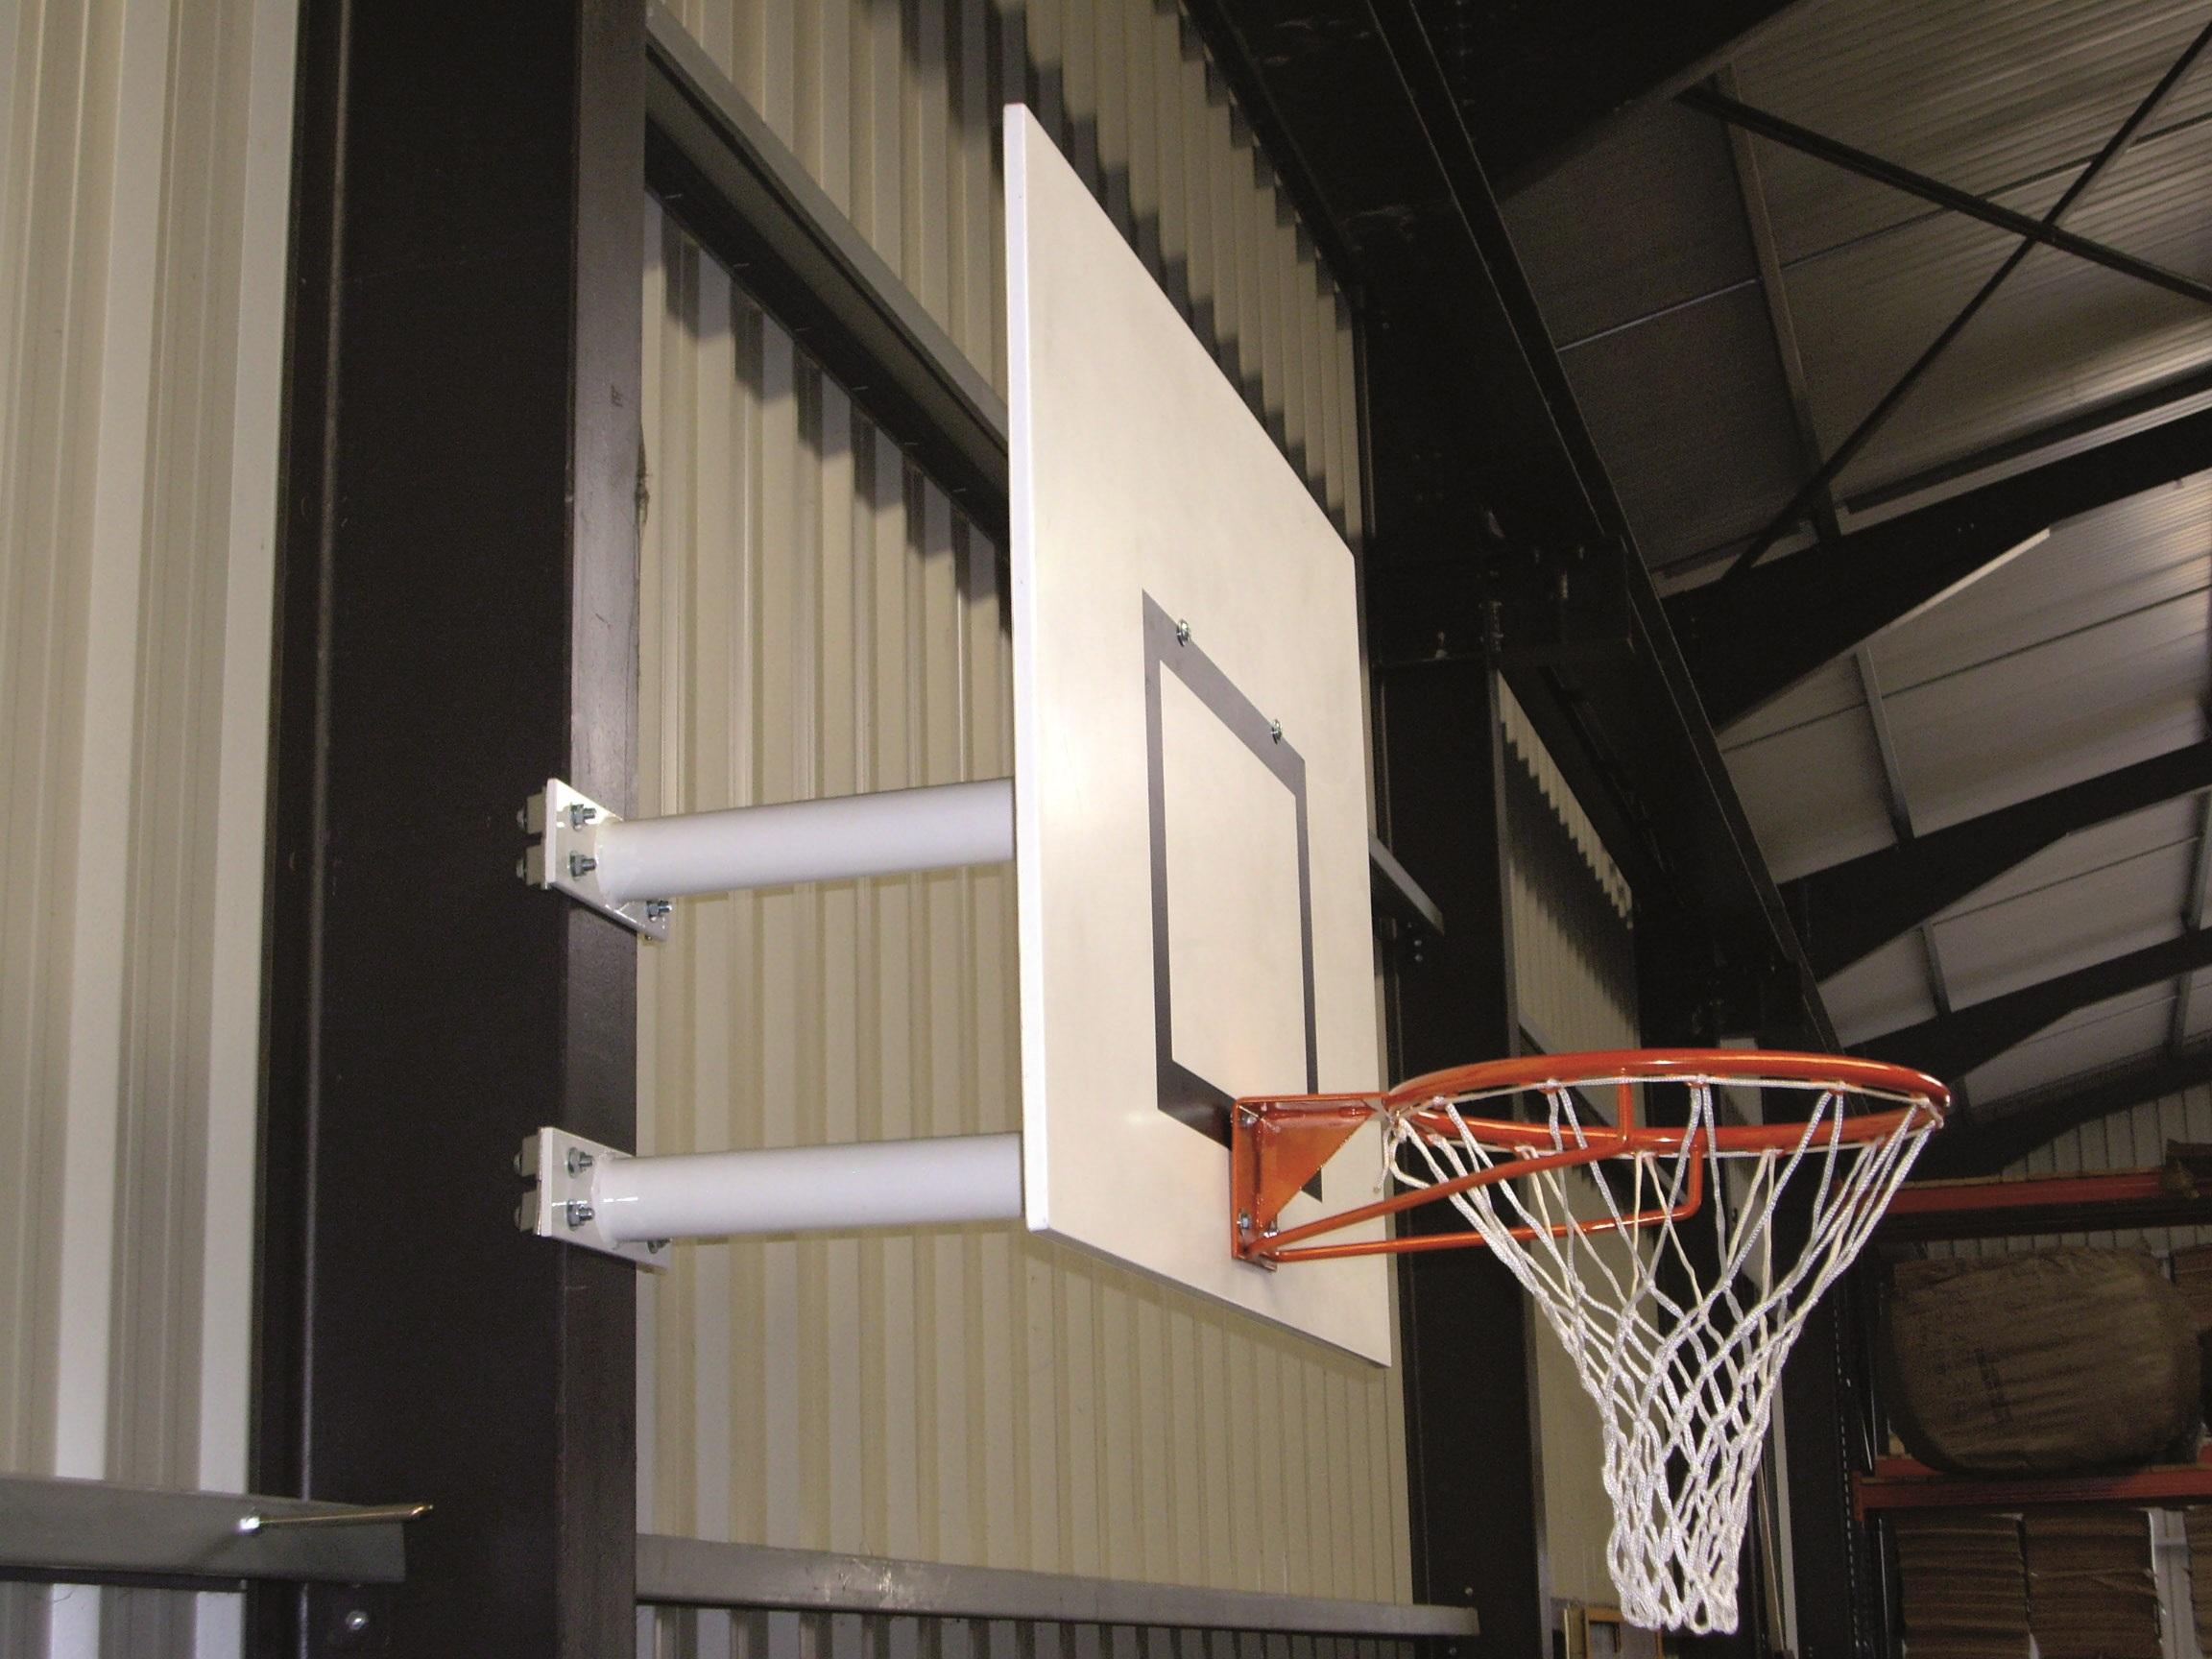 Image of   Basketball Goal Wall-Mounted - Fast head - Udhæng 0,6 m - 2 arm lige støtte